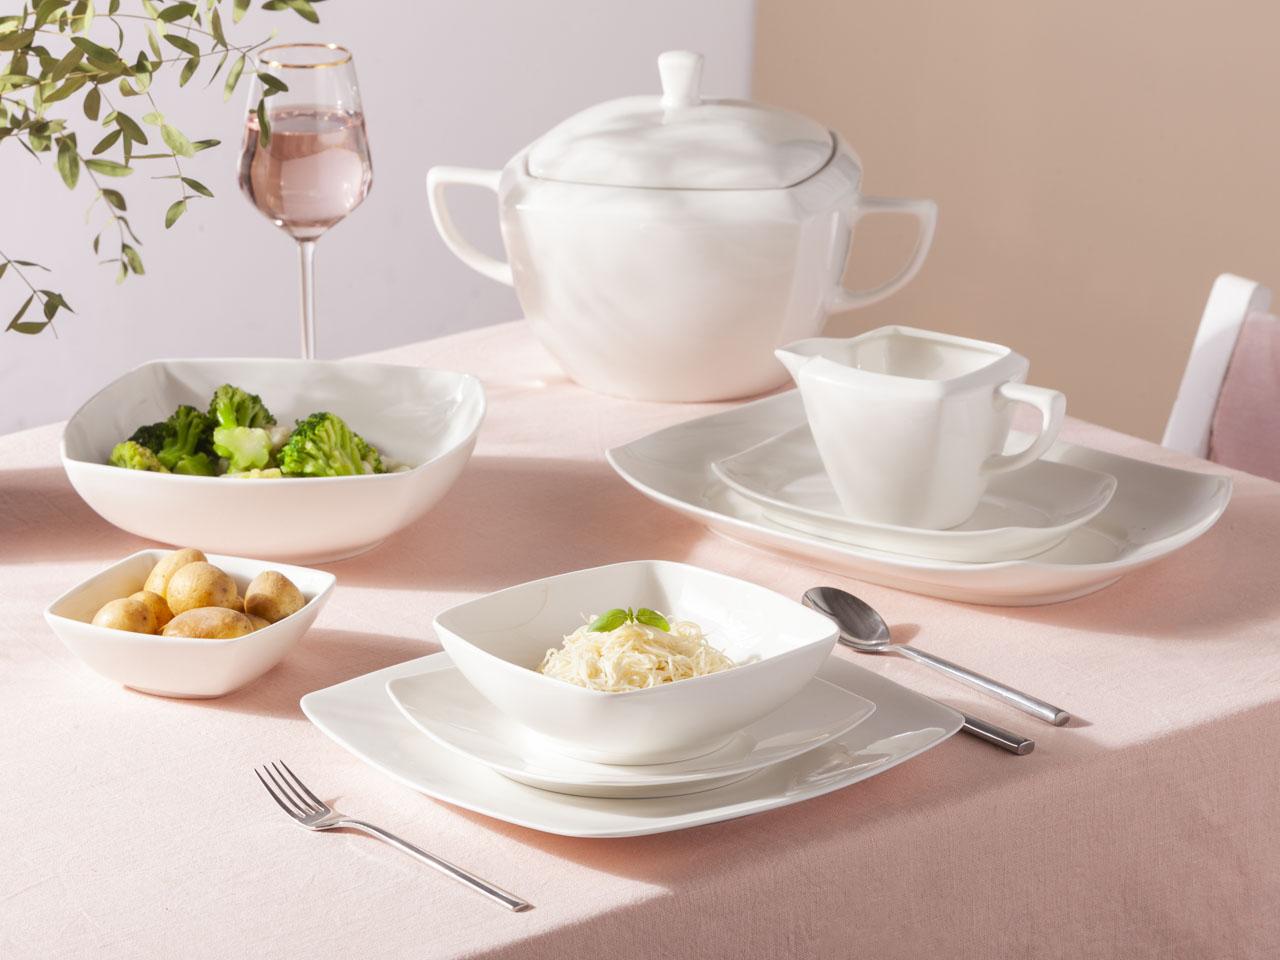 Serwis / Zestaw obiadowy na 12 osób porcelanowy Karolina Hiruni (42 elementy)